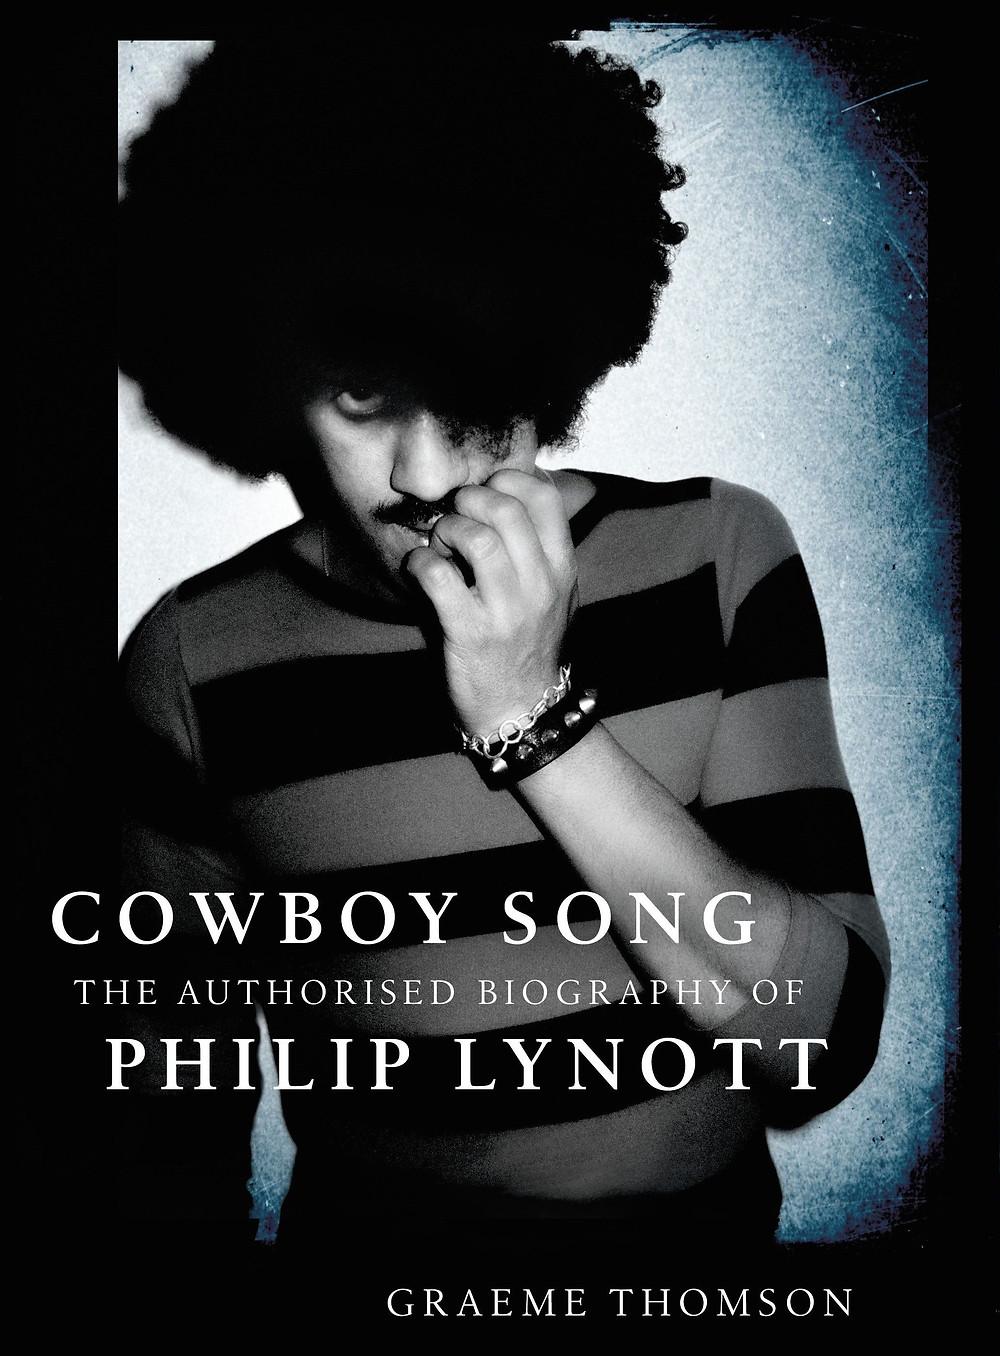 CowboySong_FullJacket (2)